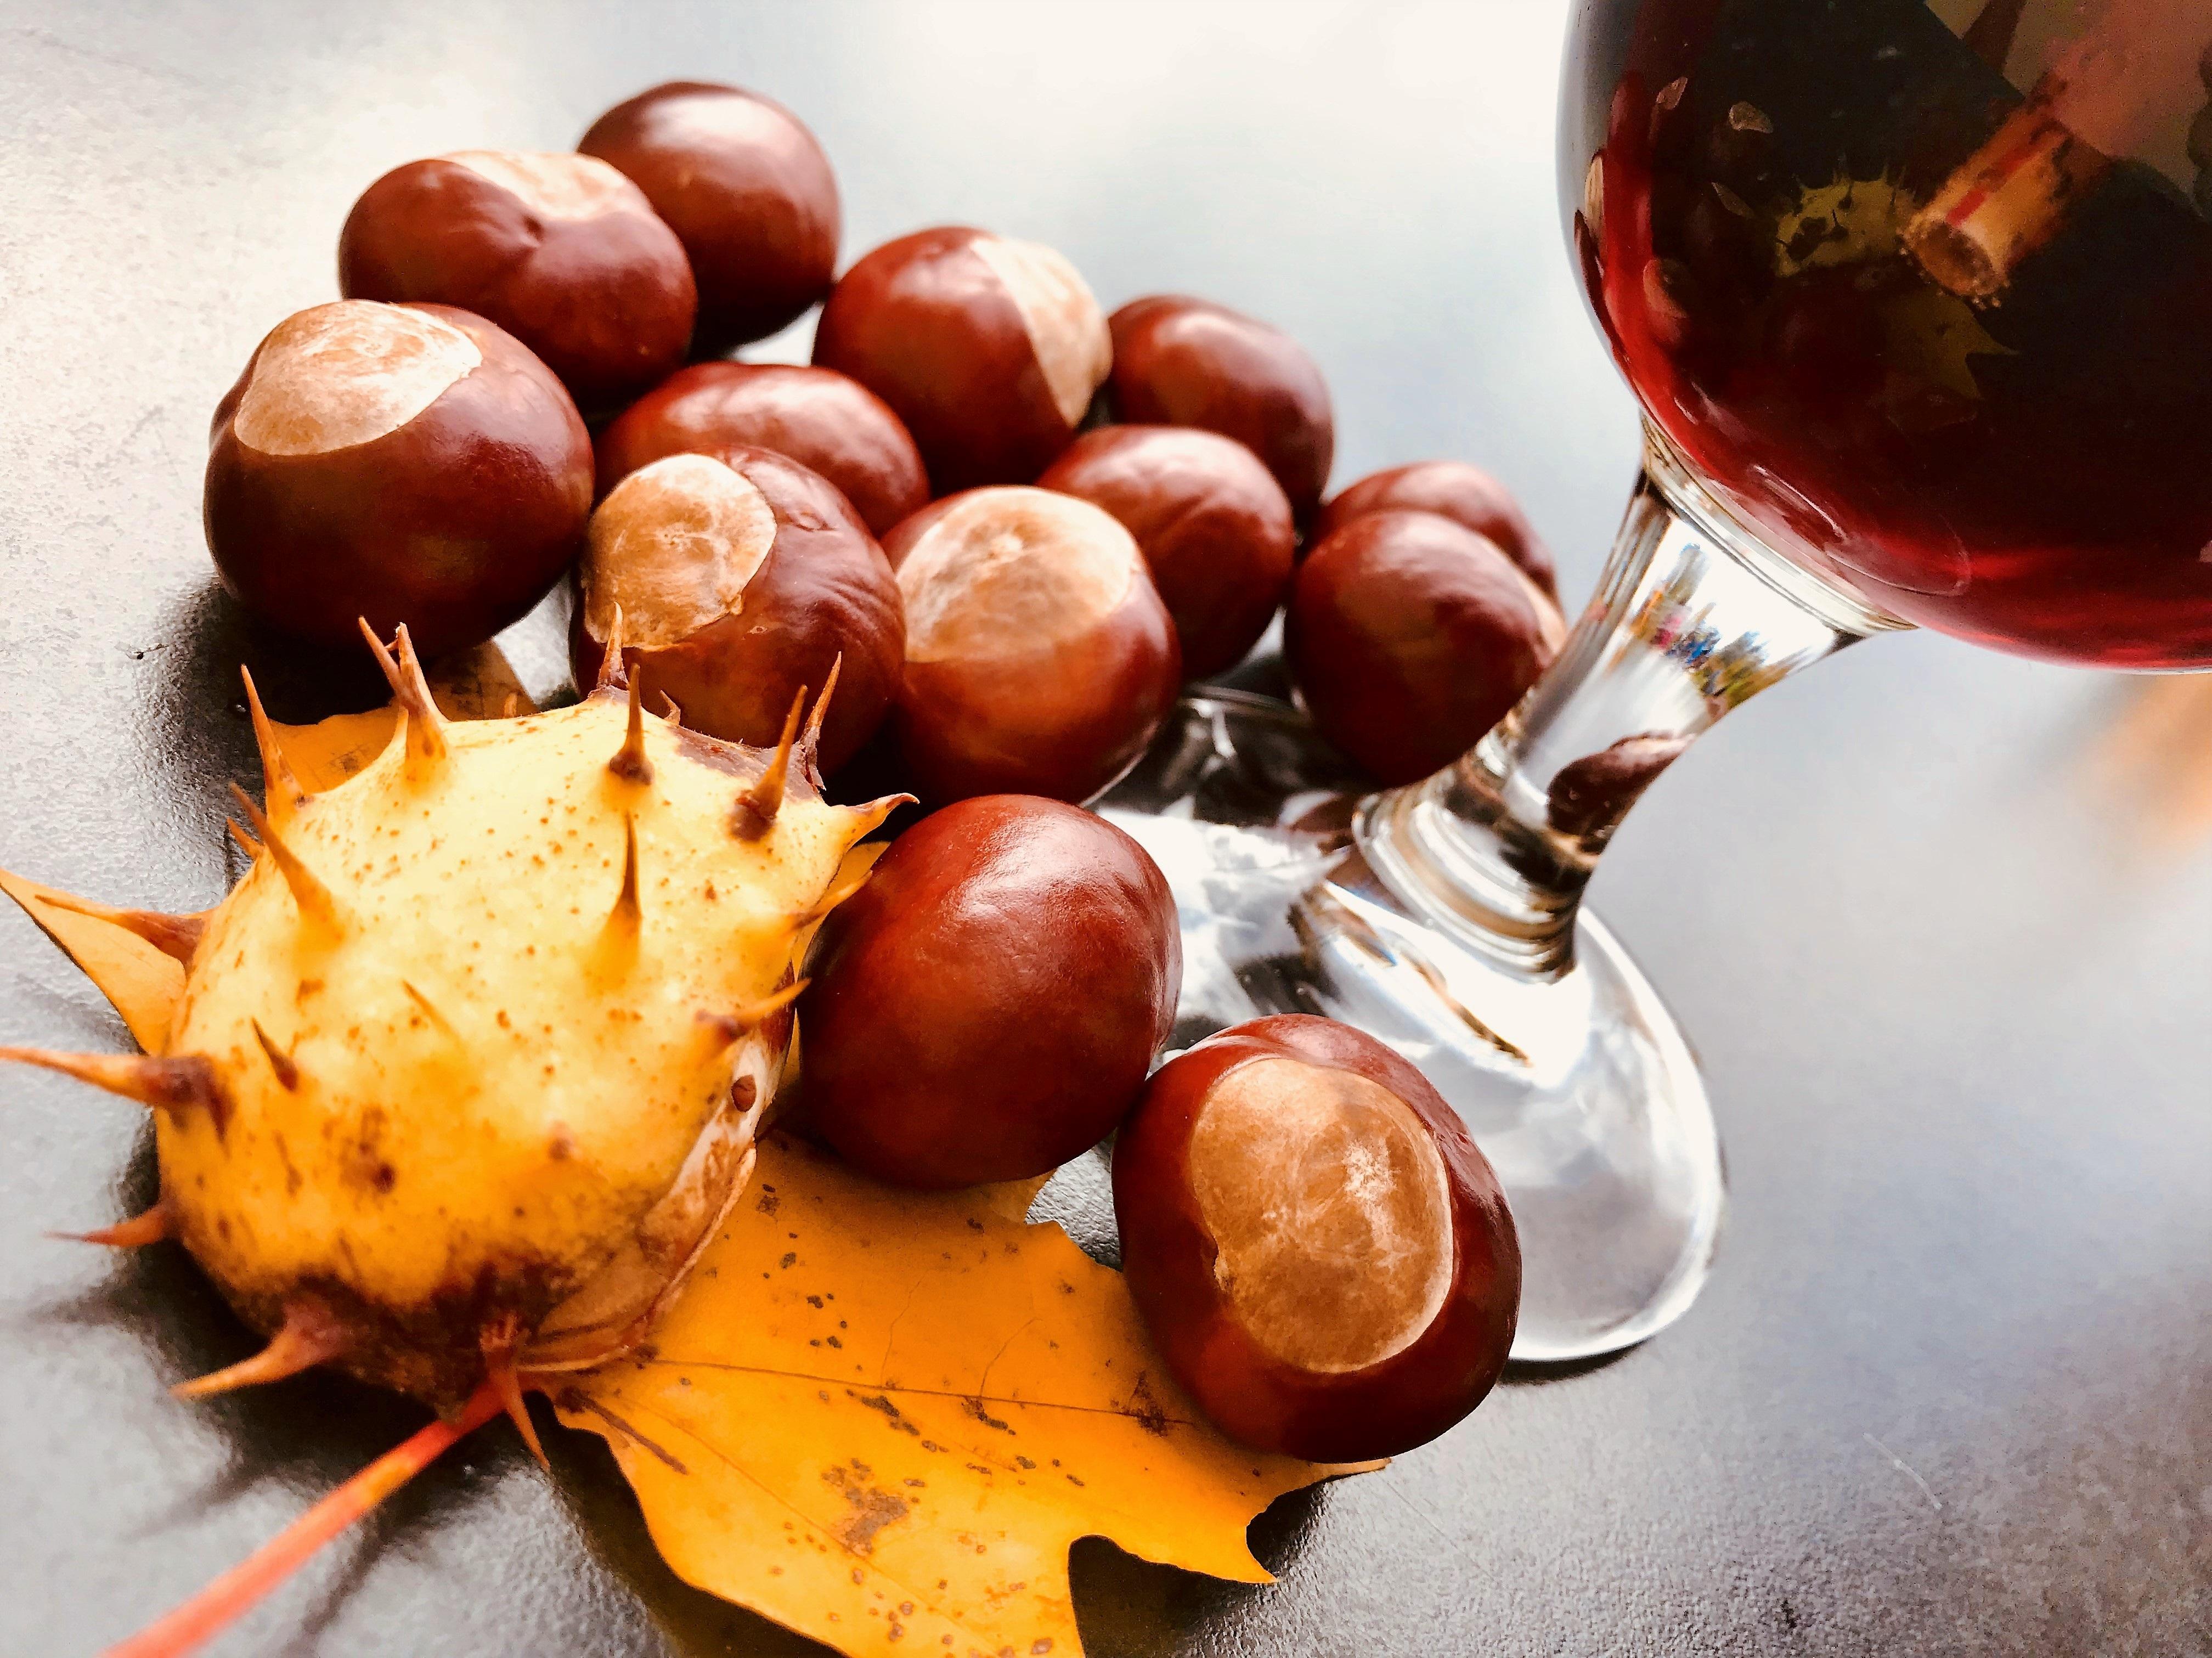 castagne e vino rosso scorciato cantine ramarro